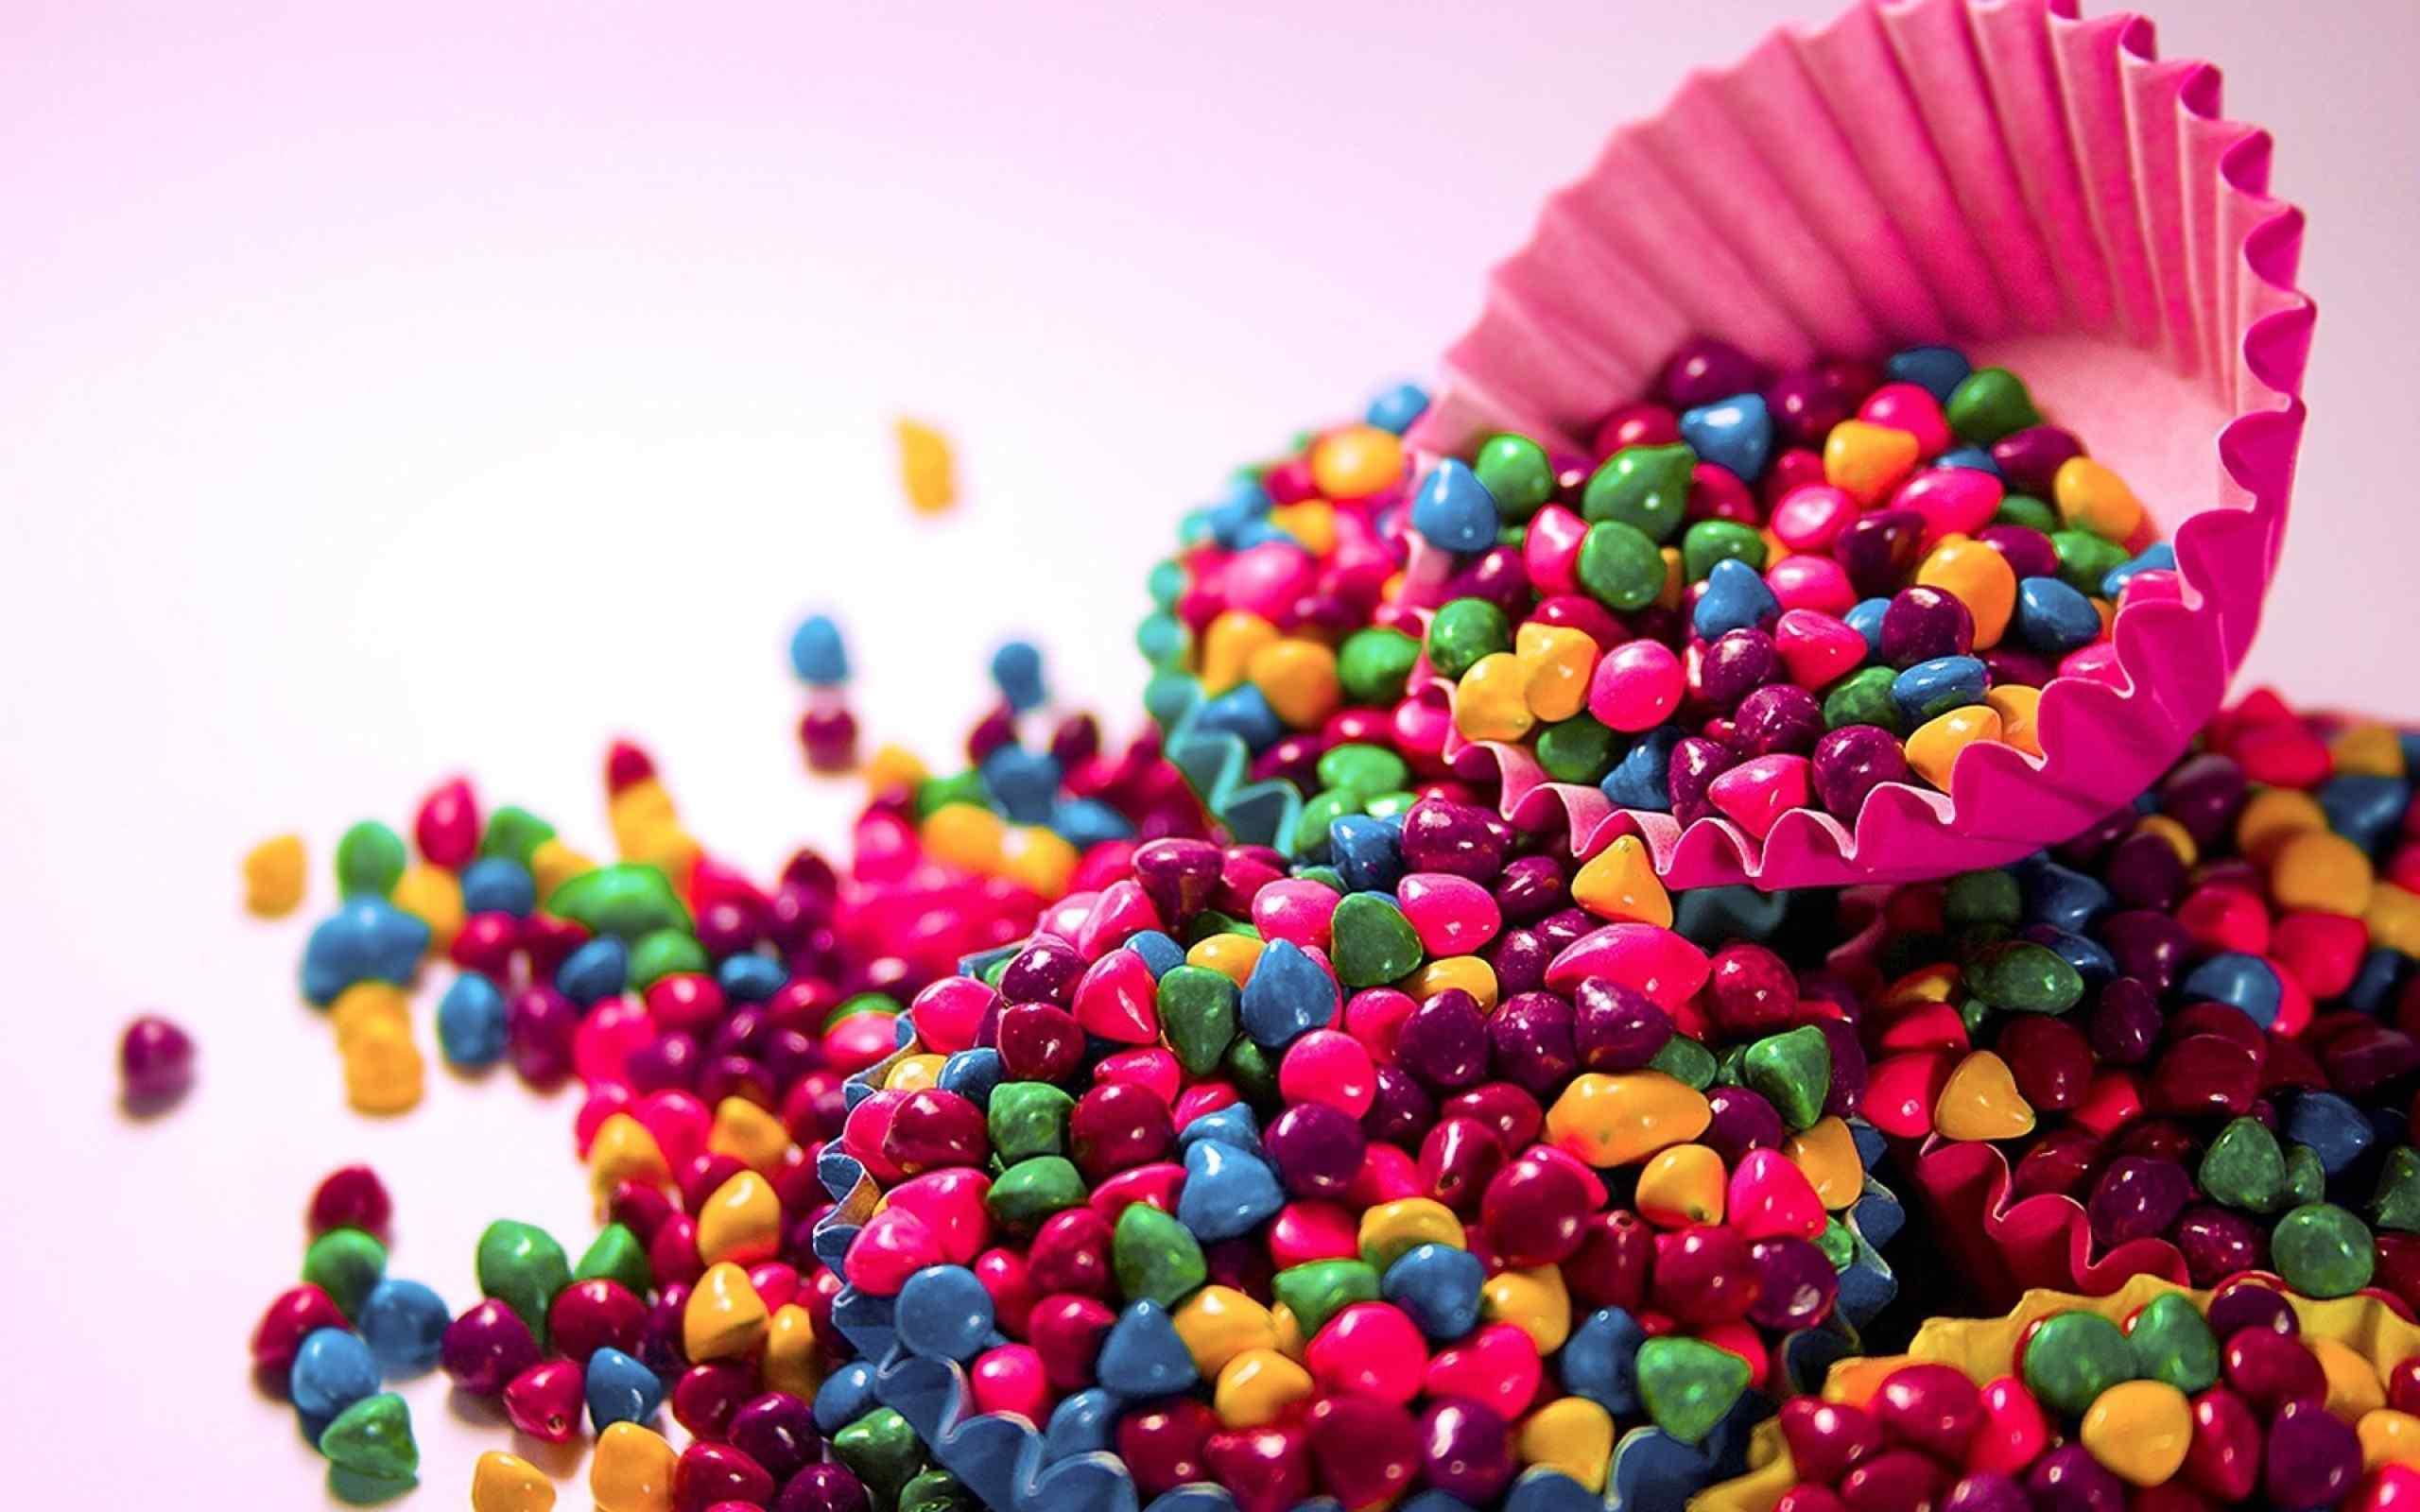 七色彩虹小颗粒糖果桌面壁纸